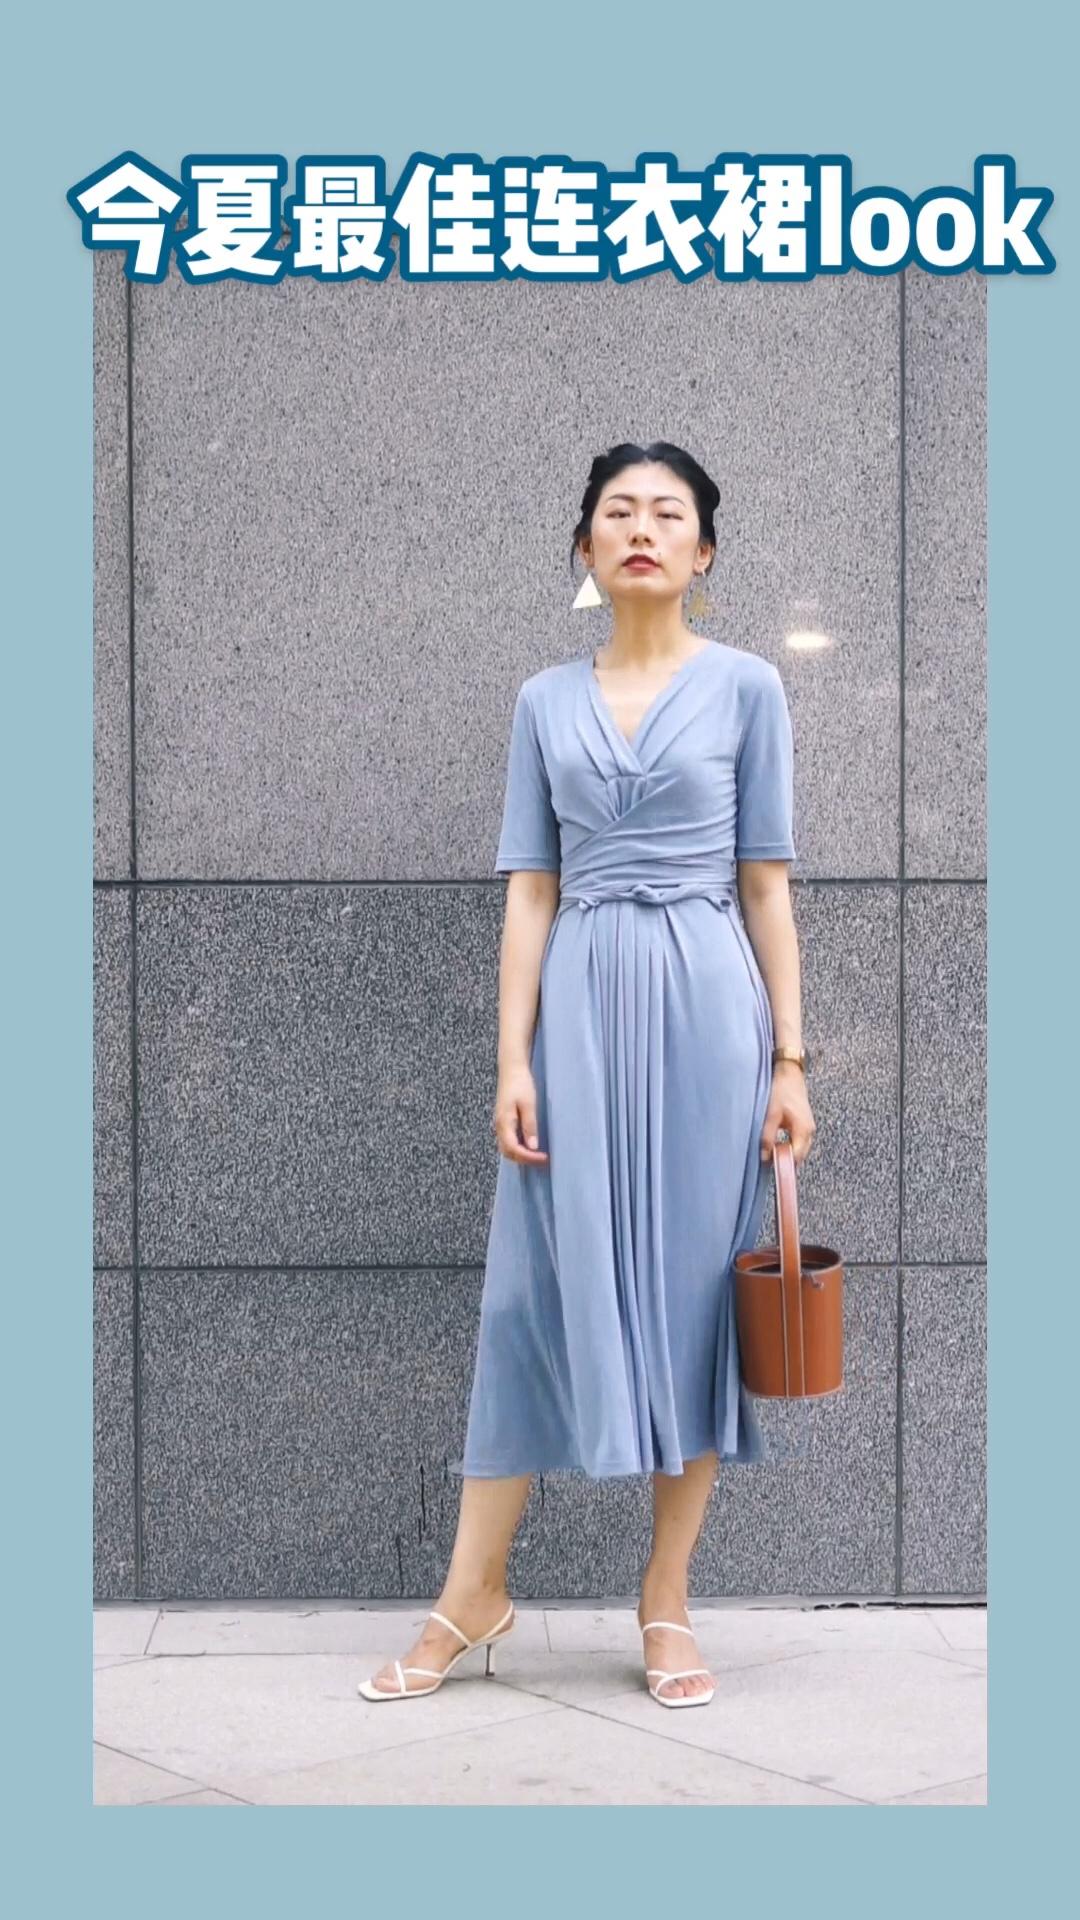 如果今年夏天只能选择一条裙子, 我也会选它。 蓝的那么优美, 显瘦效果惊人, 贴身穿凉爽亲肤不起褶, 把身材塑造的无比曼妙, 是谁见了都会夸一句的神奇单品~ #显瘦连衣裙年终盘点#